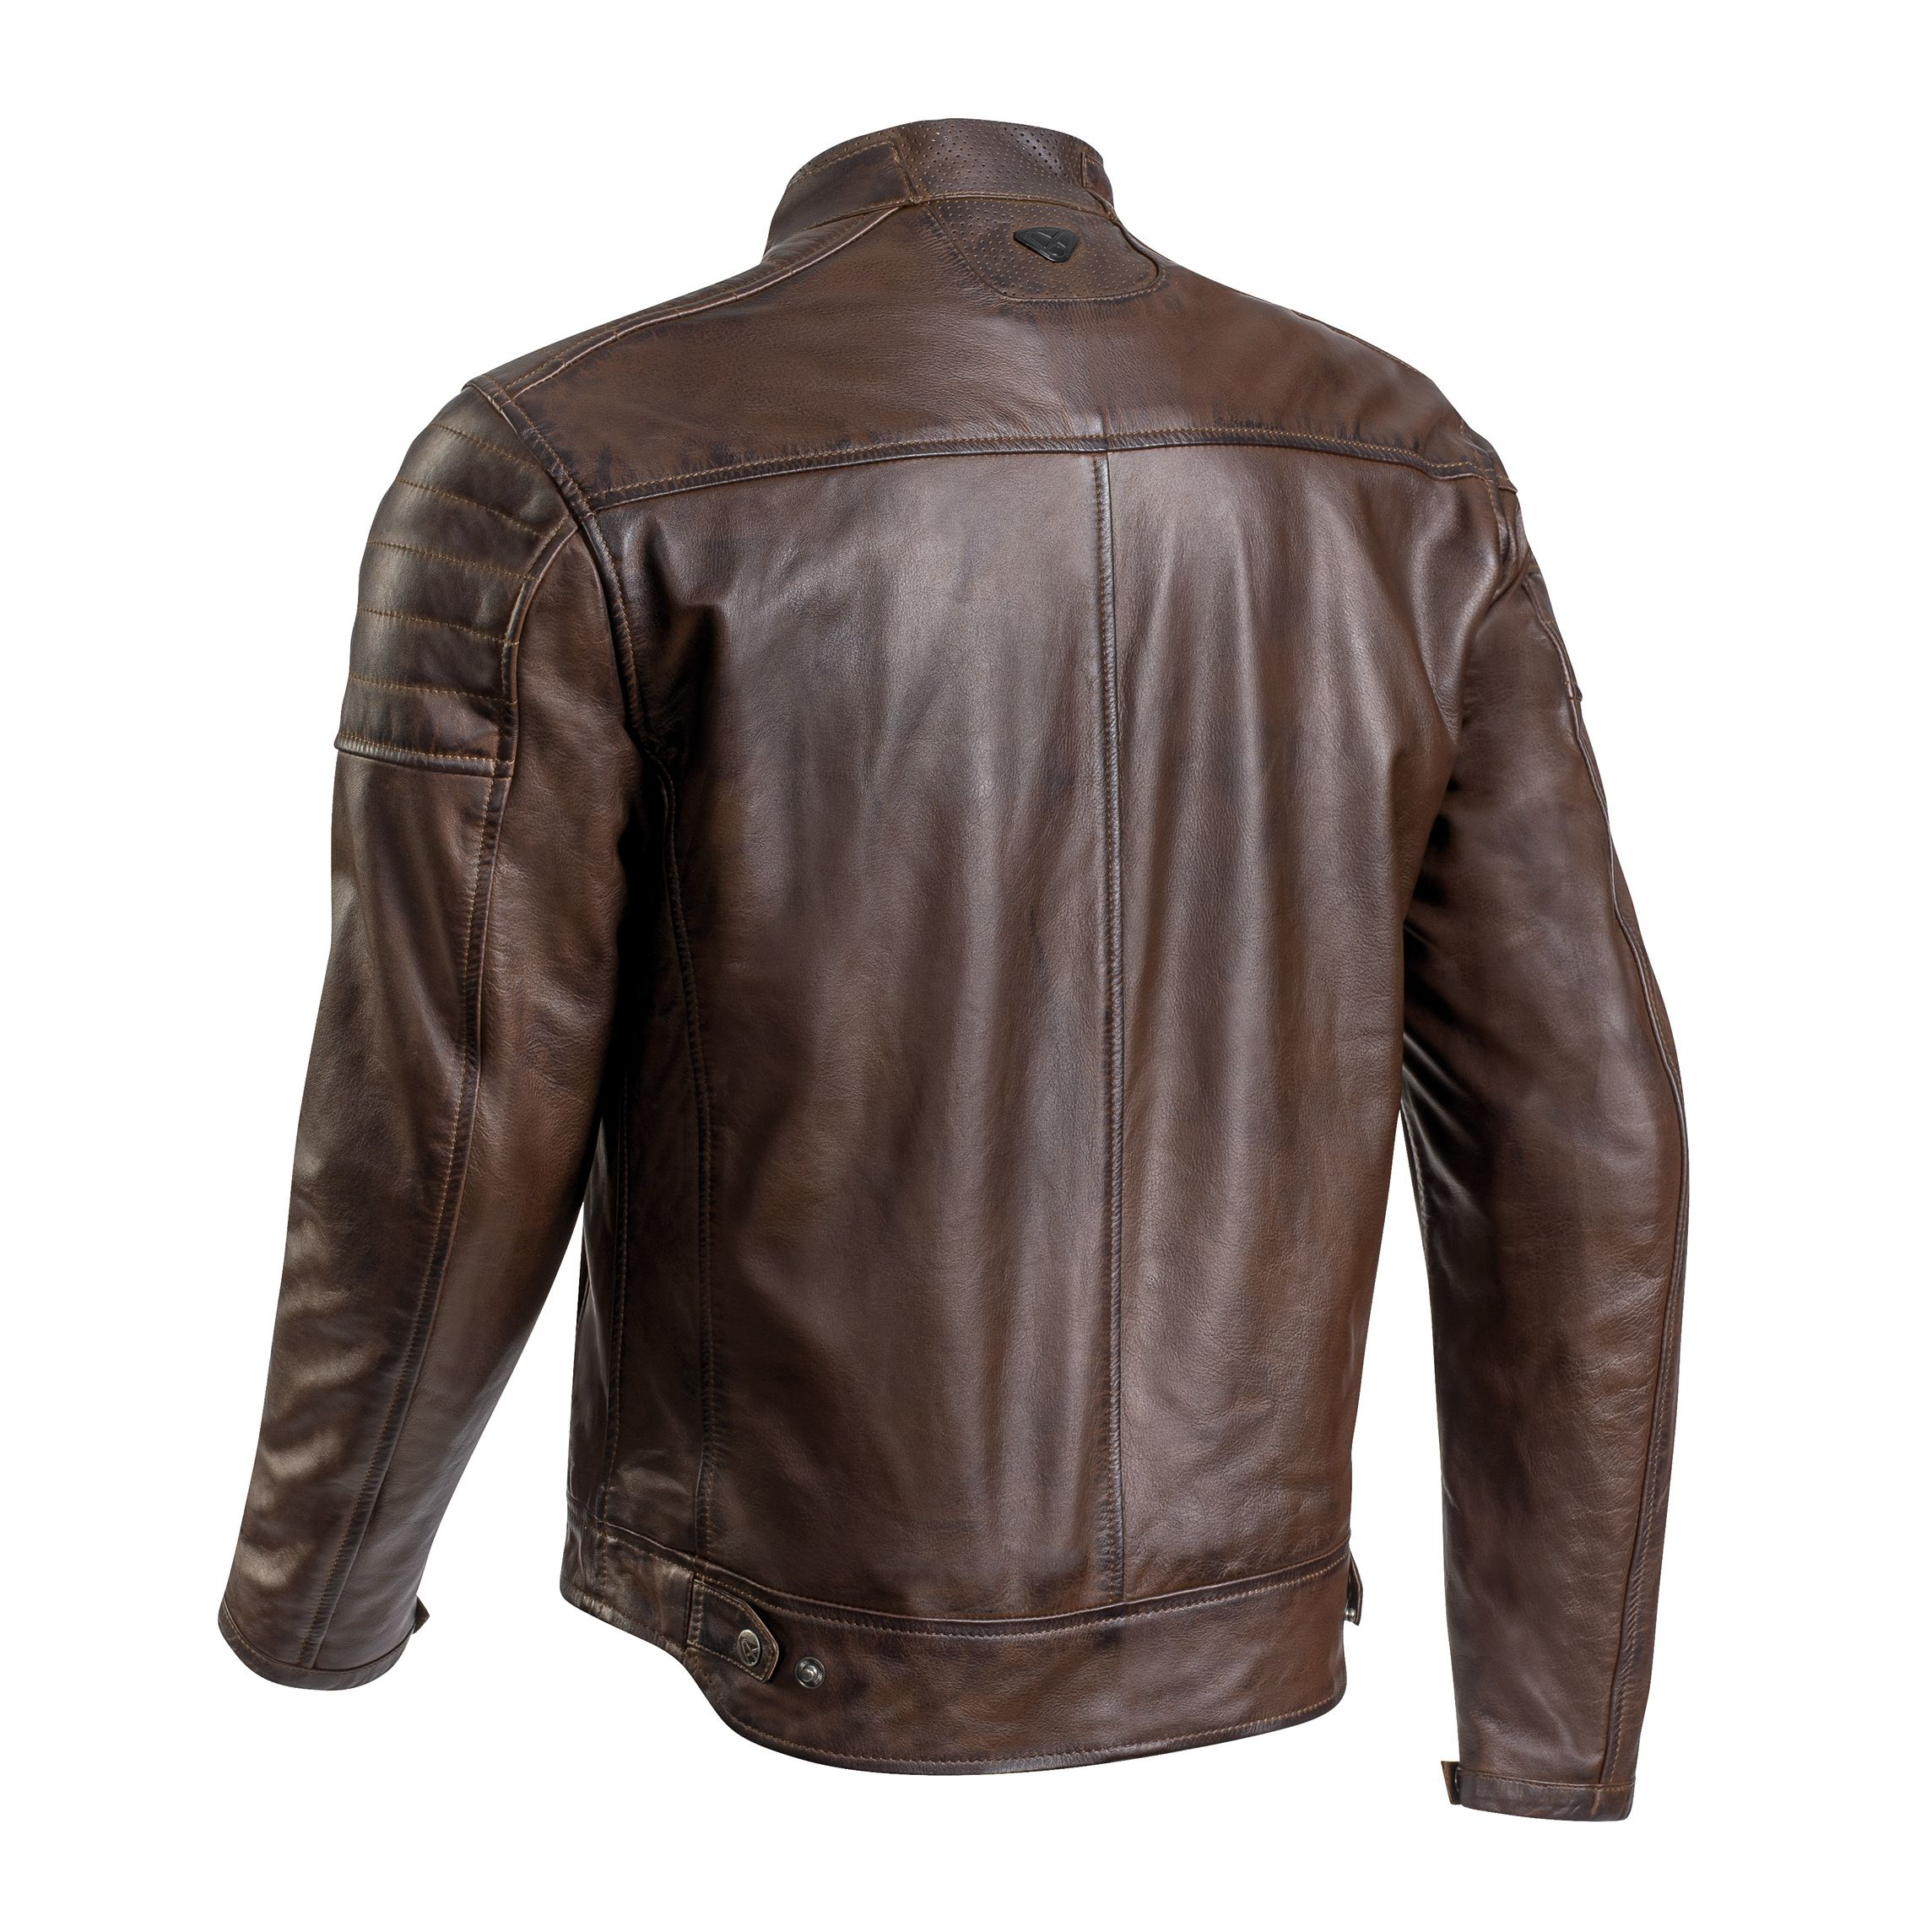 Cazadoras Ixon TORQUE - Cazadoras y chaquetas moto - Motoblouz.es 58804d39136